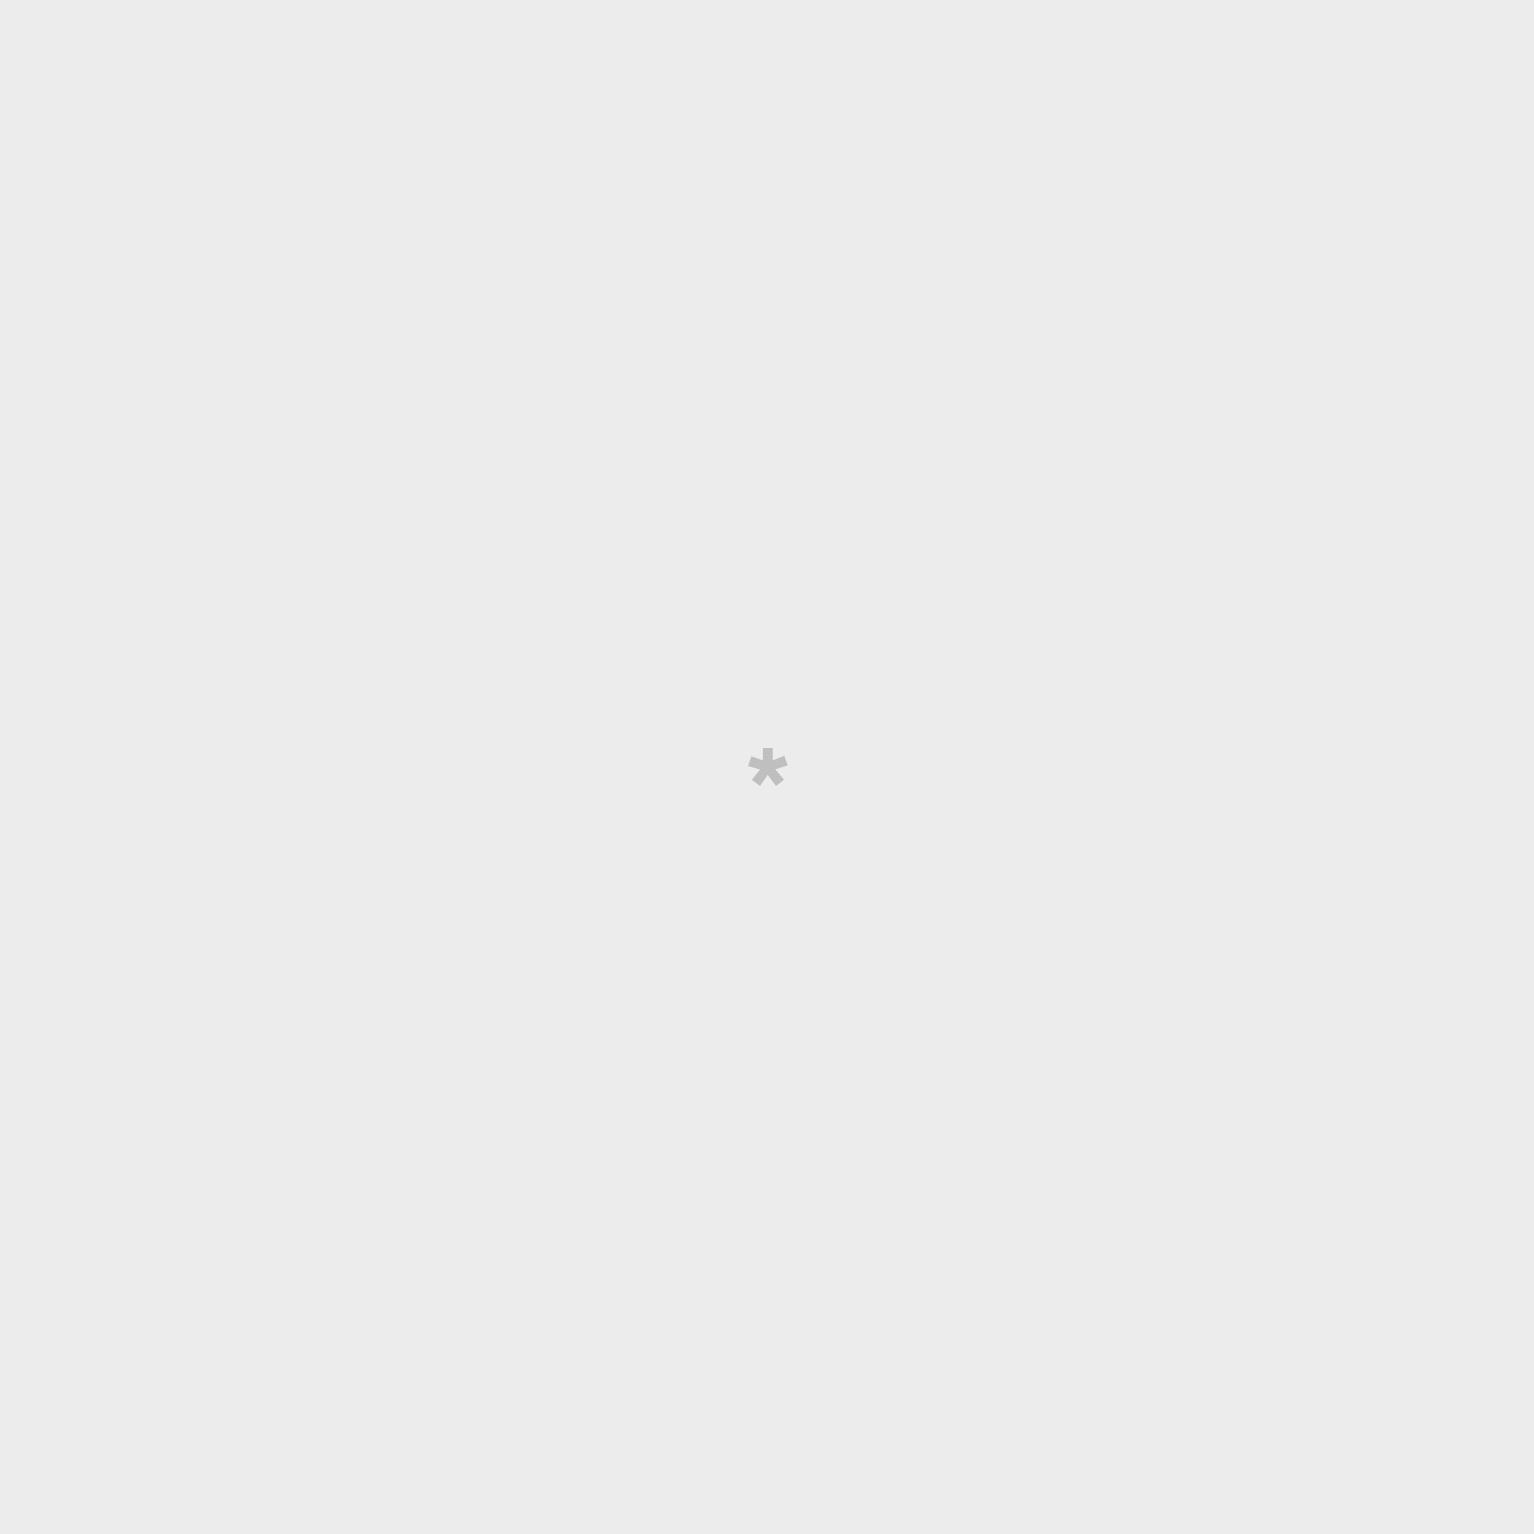 Agenda 2022 Semanal - Haz que suceda